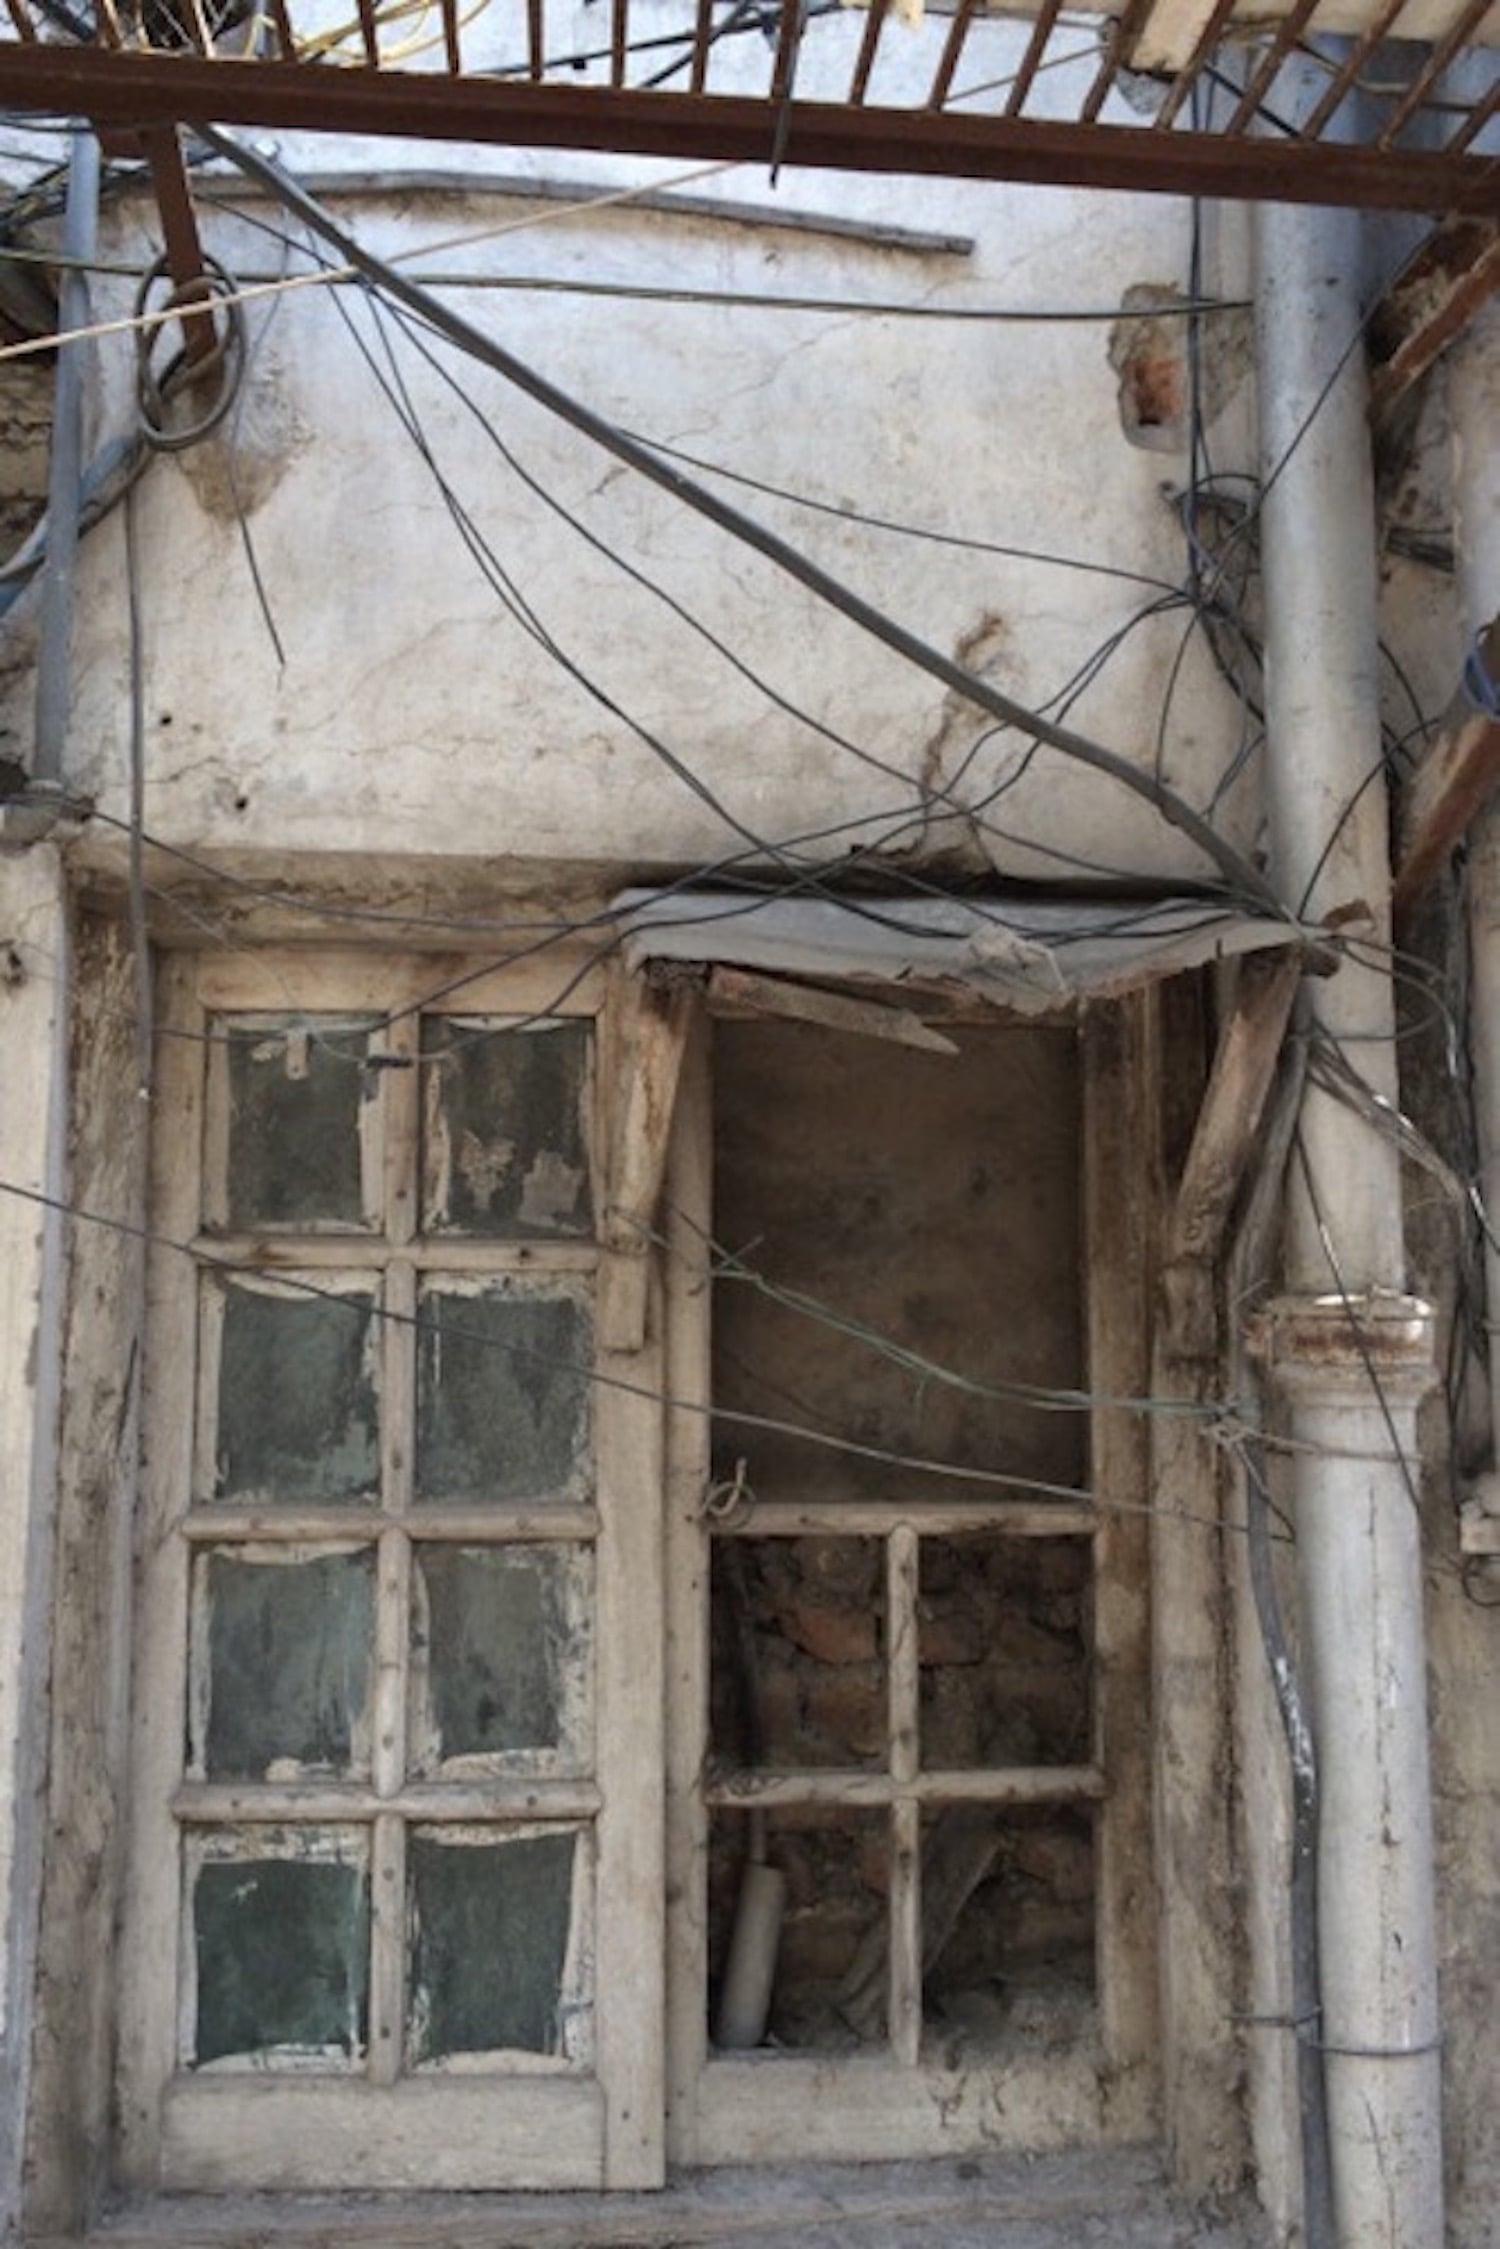 Wires & Windows